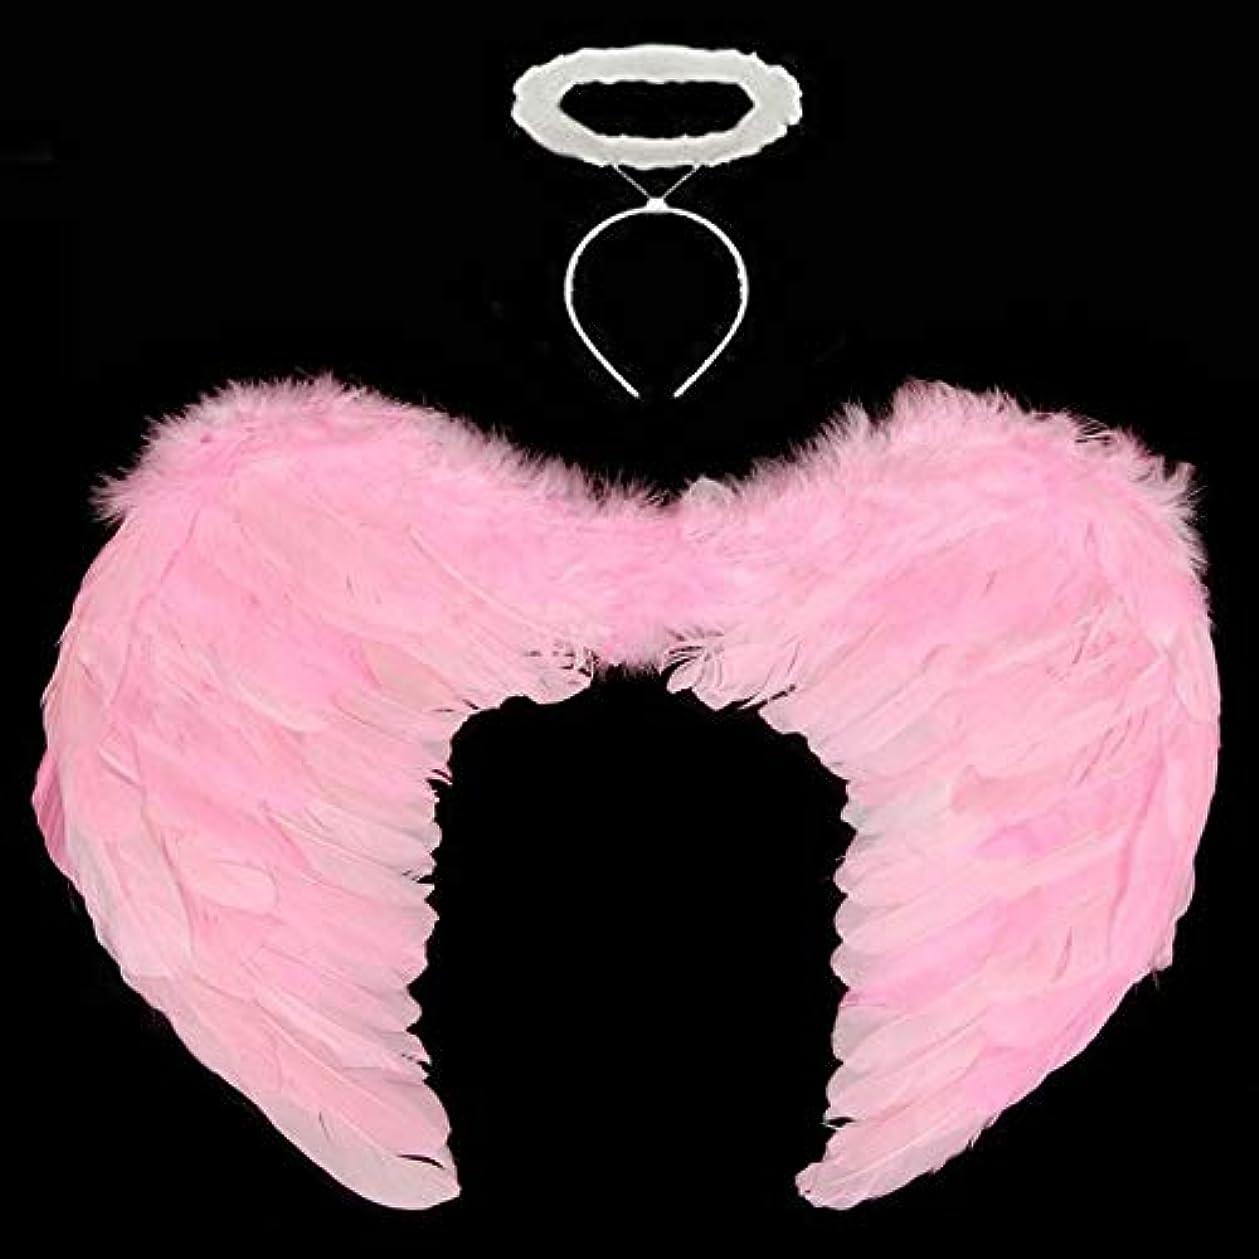 やさしくまっすぐにする核55x40cm羽の羽の子供たちのコスプレパーティーハロウィンパーマコスチューム装飾(ピンク)